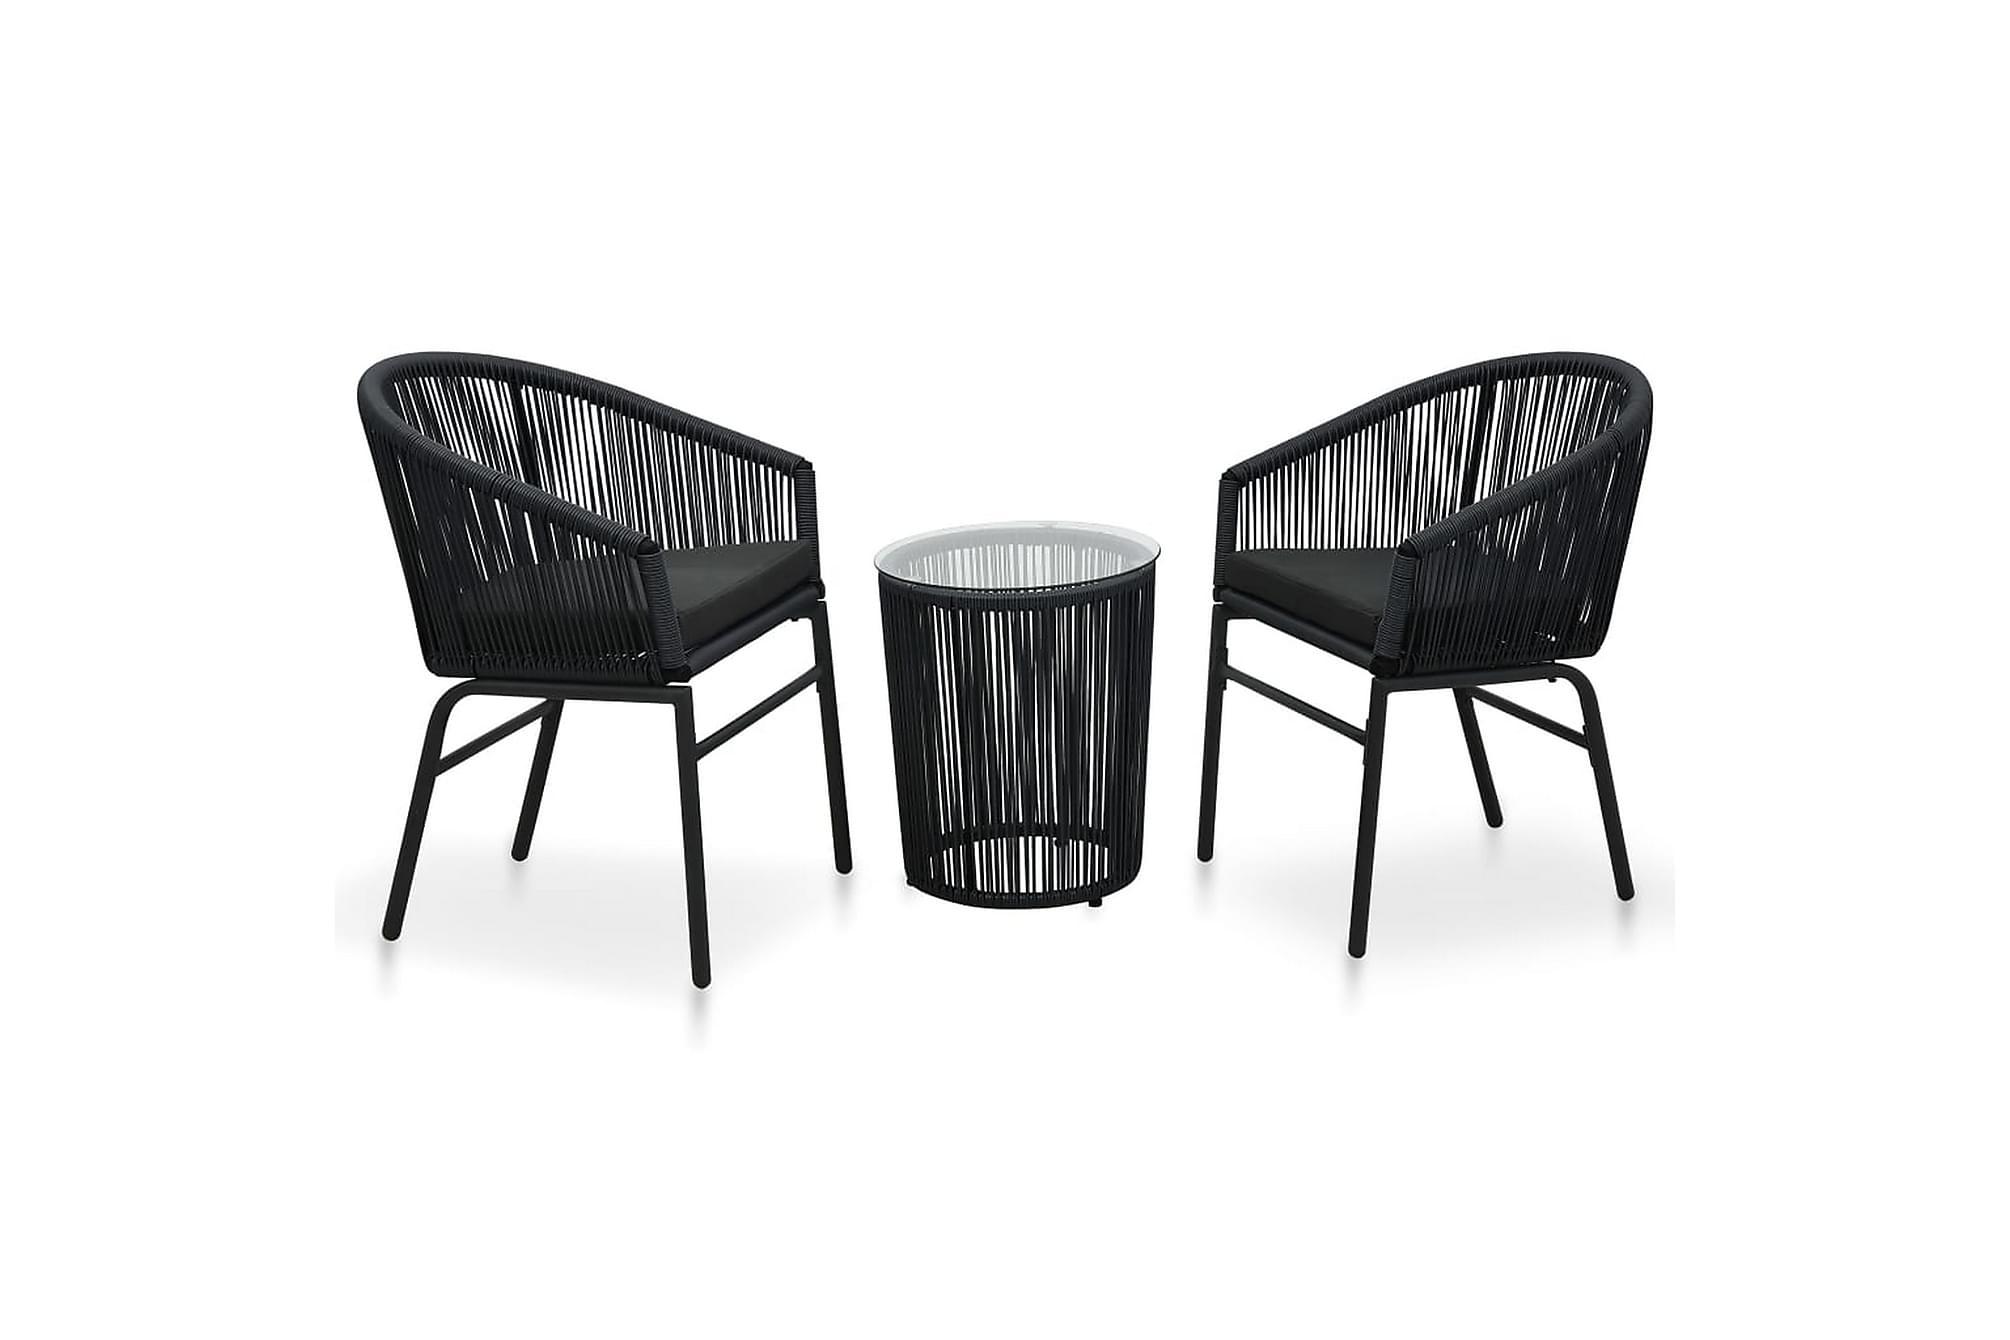 Bistrogrupp 3 delar med dynor PVC-rotting svart, Caféset